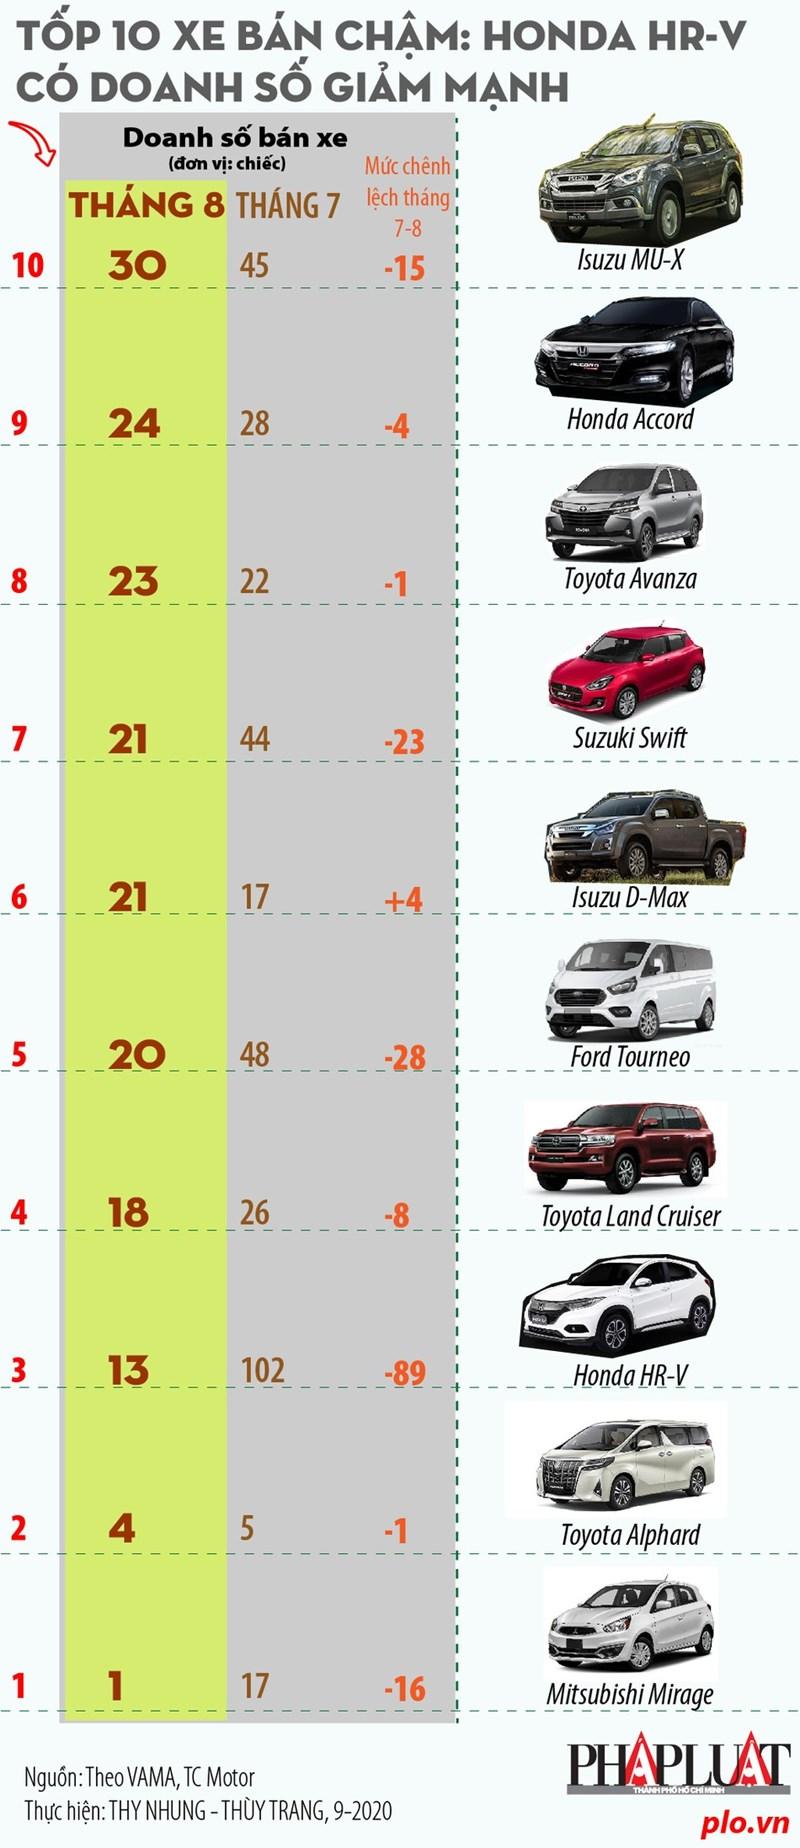 [Infographics] Tốp 10 xe bán chậm: Honda HR-V có doanh số giảm mạnh - Ảnh 1